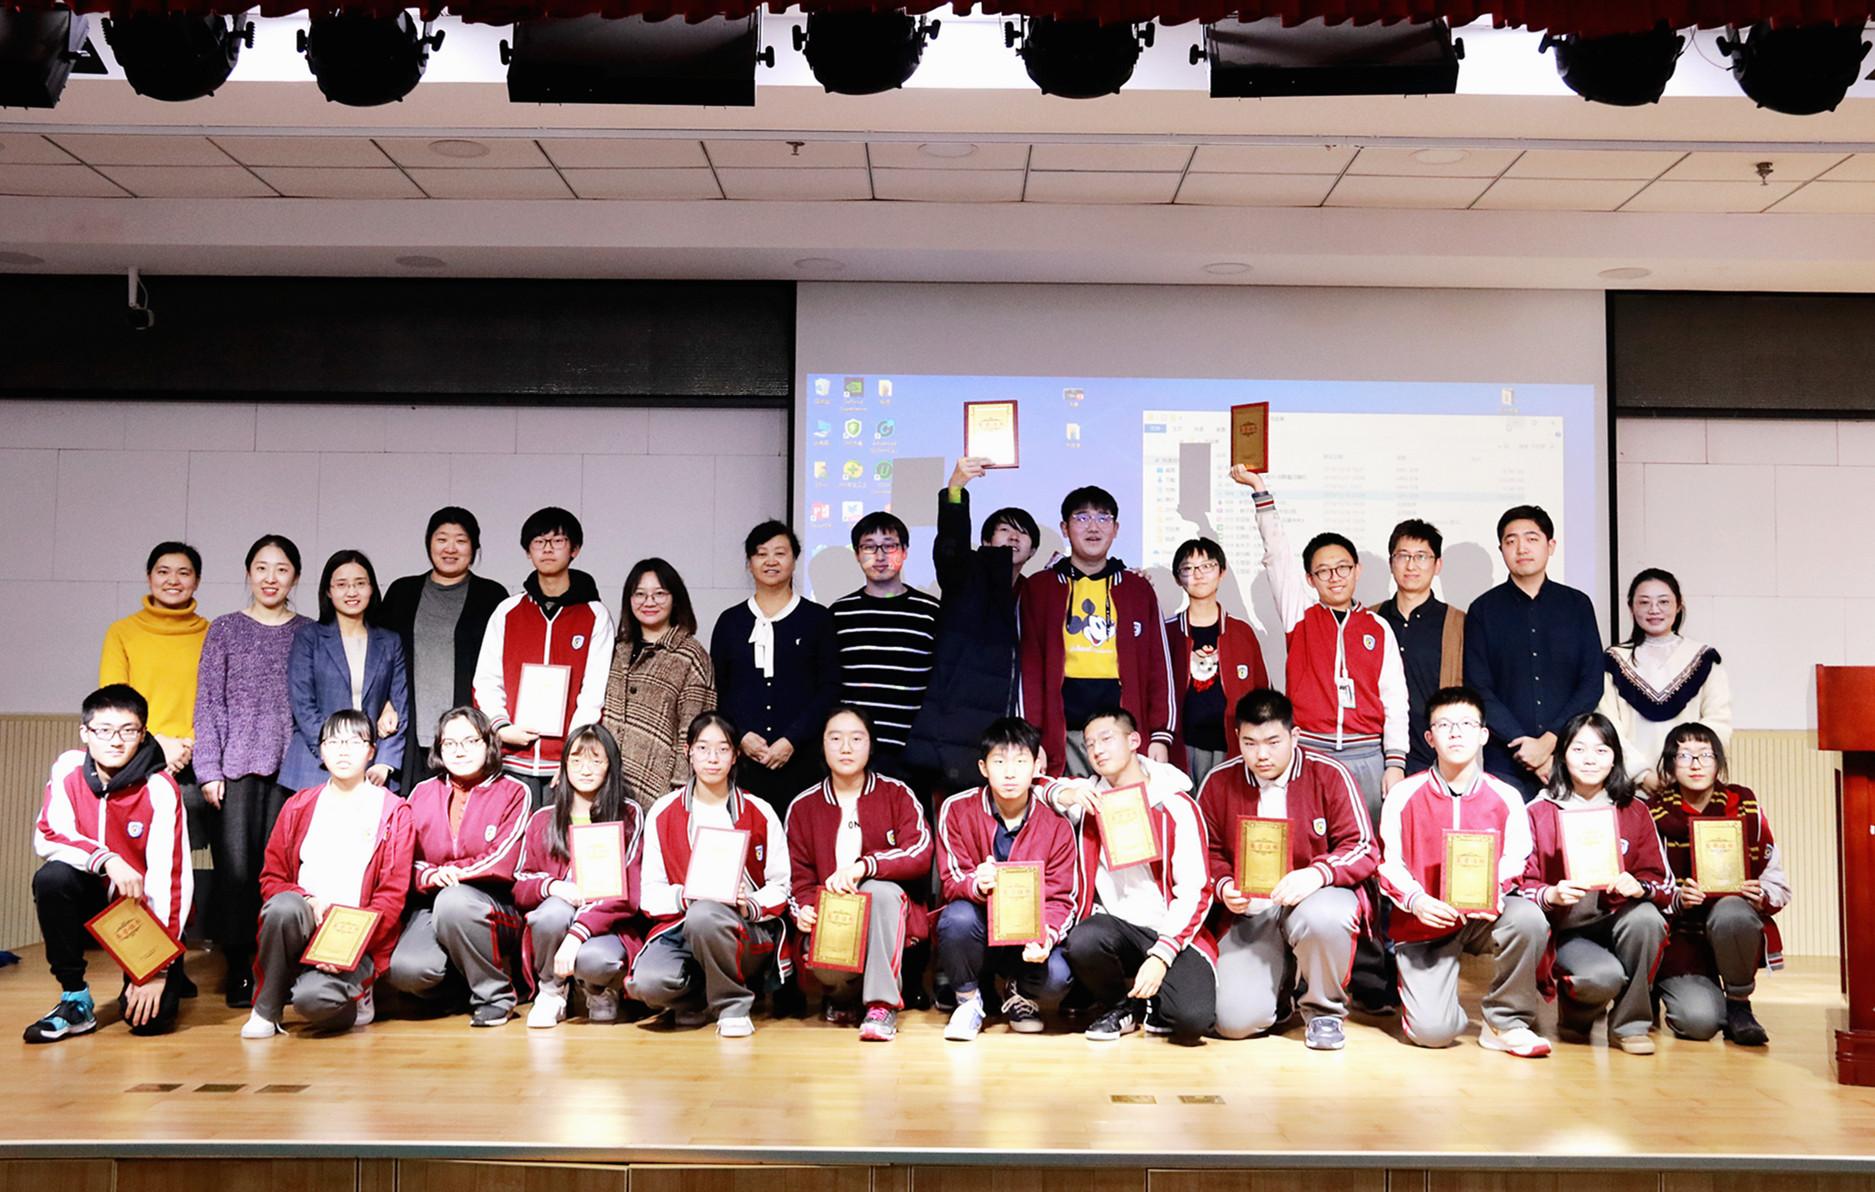 爱科学,学科学,用科学——第一届北外附校双语学校科技创新大赛在我校成功举办